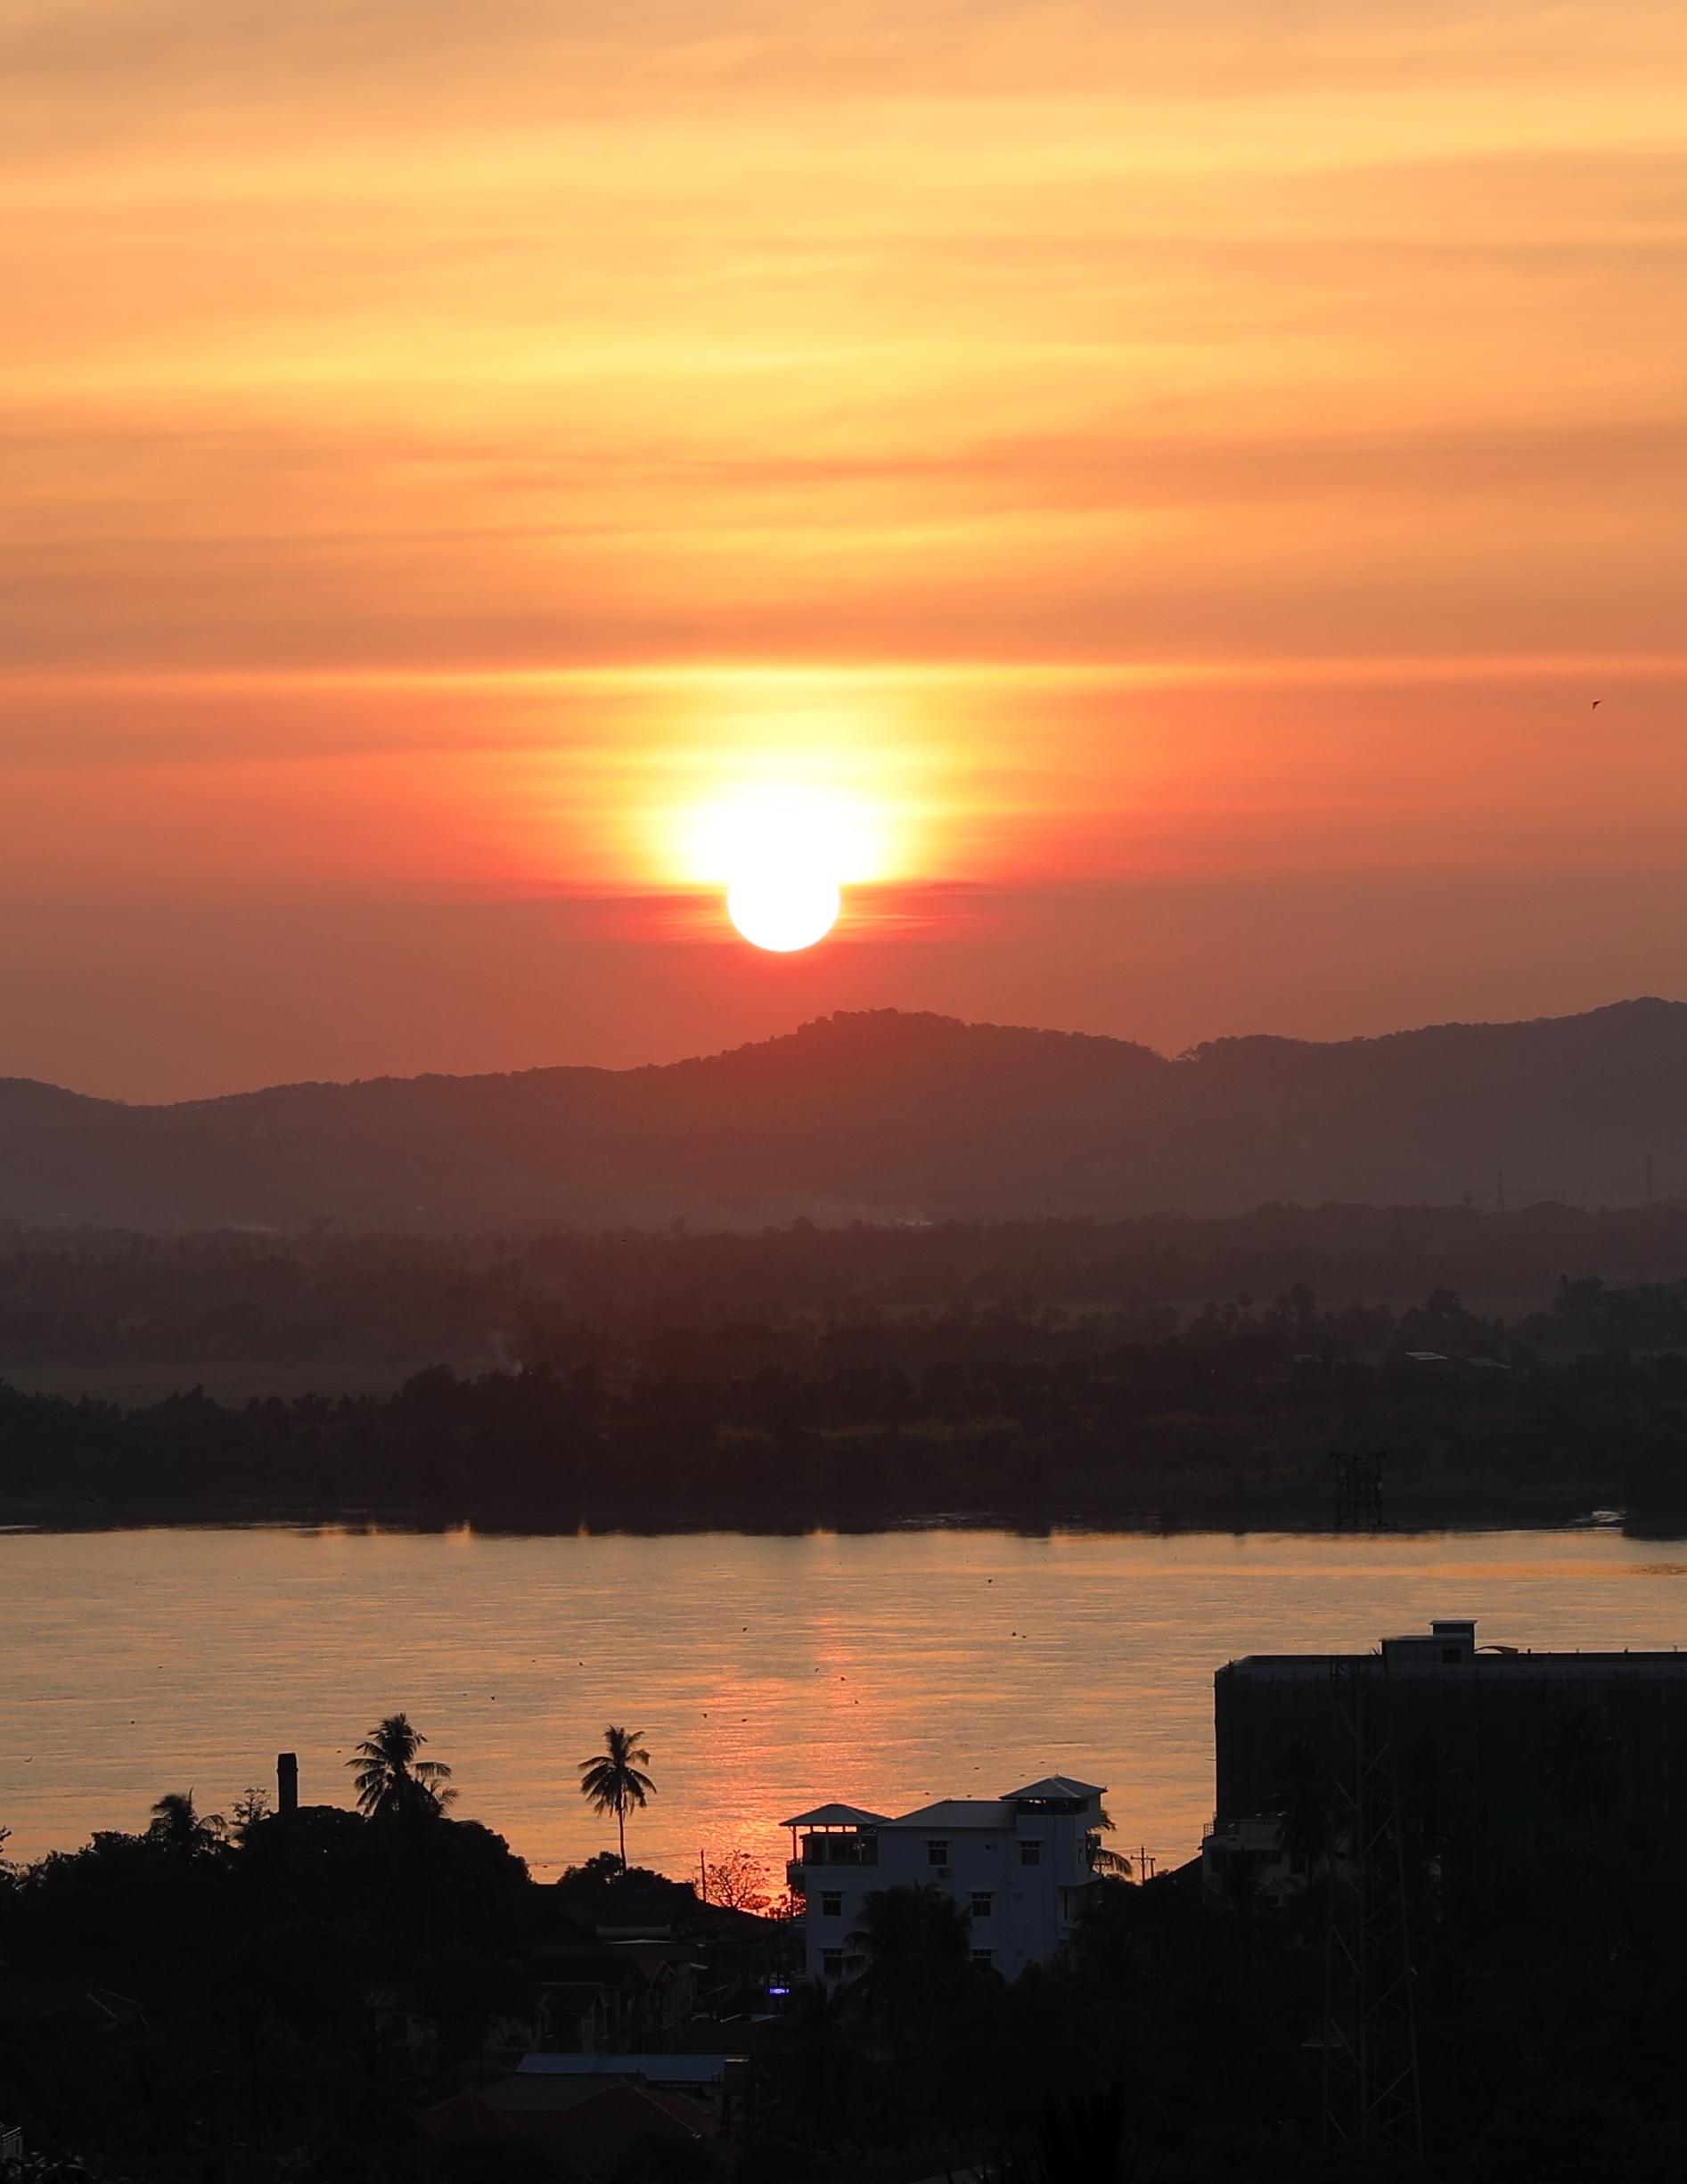 Sunset over Thanlwin River, Mawlamyine